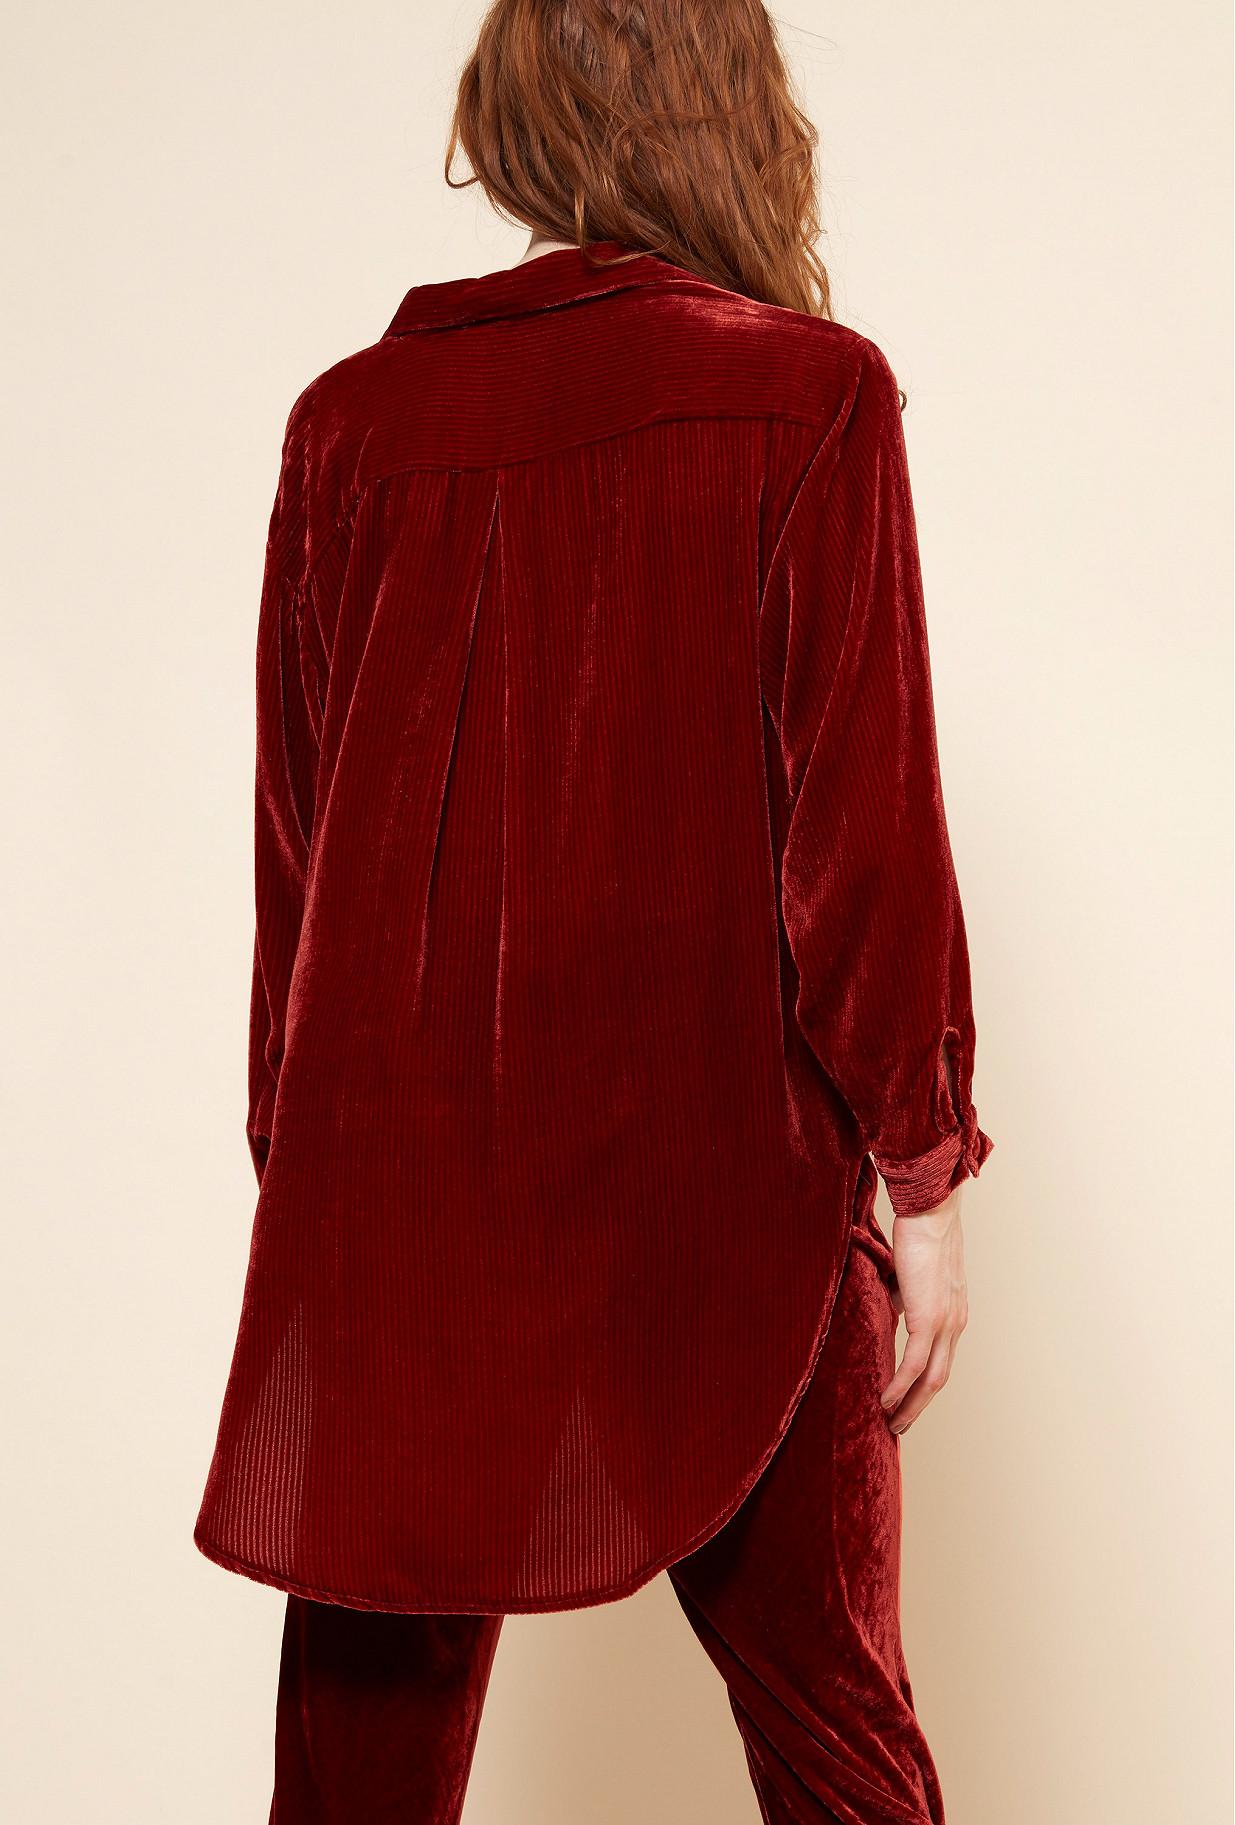 Paris boutique de mode vêtement CHEMISE créateur bohème  Matteo